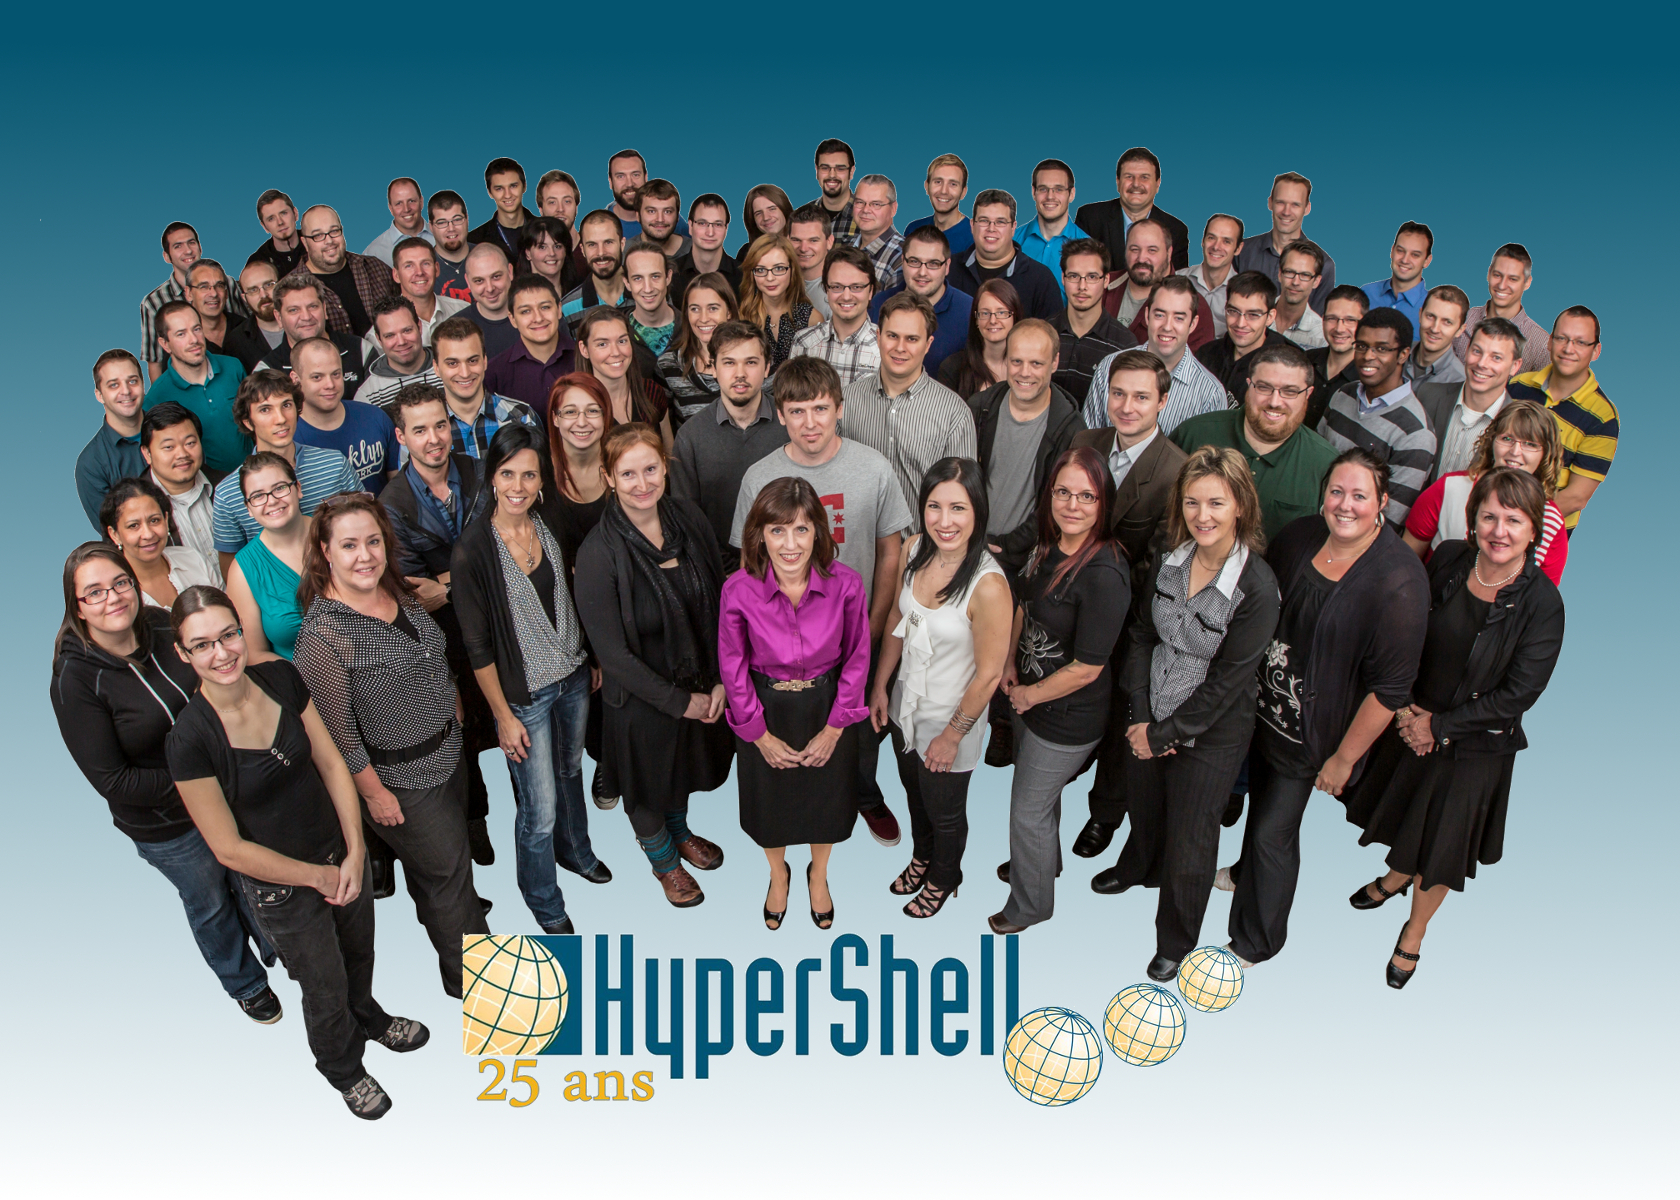 HyperShell-1920x1280